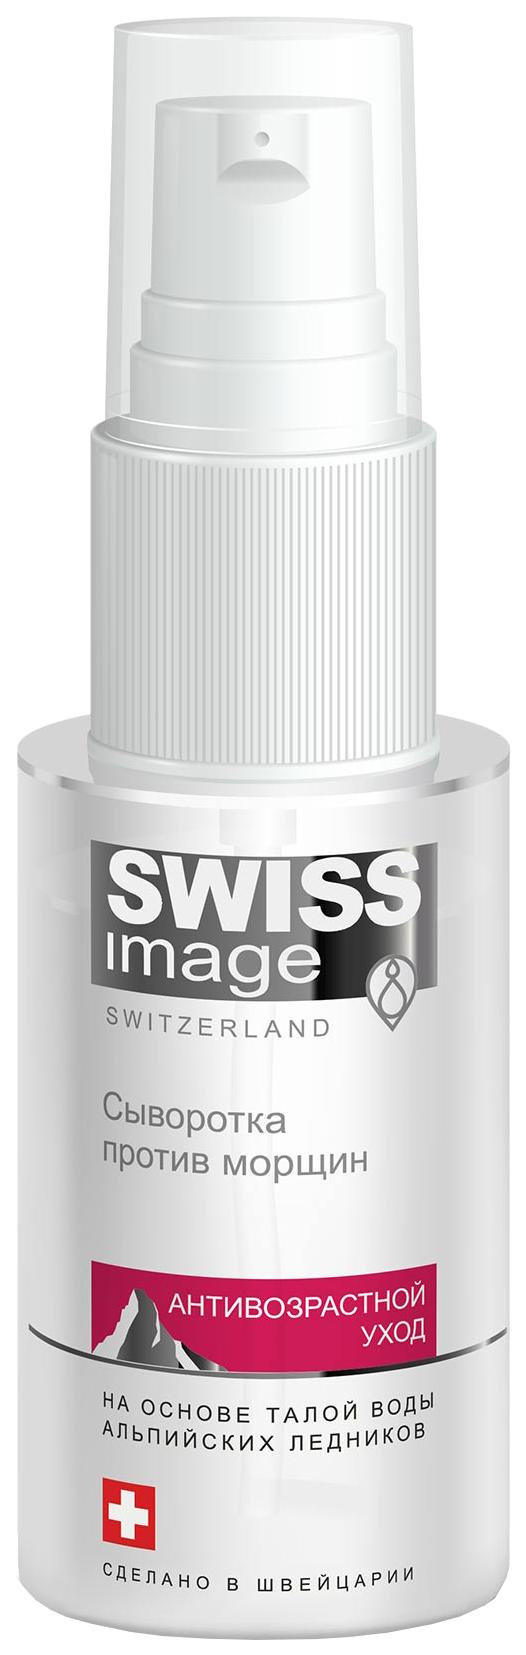 Сыворотка для лица SWISS image АНТИВОЗРАСТНОЙ УХОД Против морщин 30 мл фото